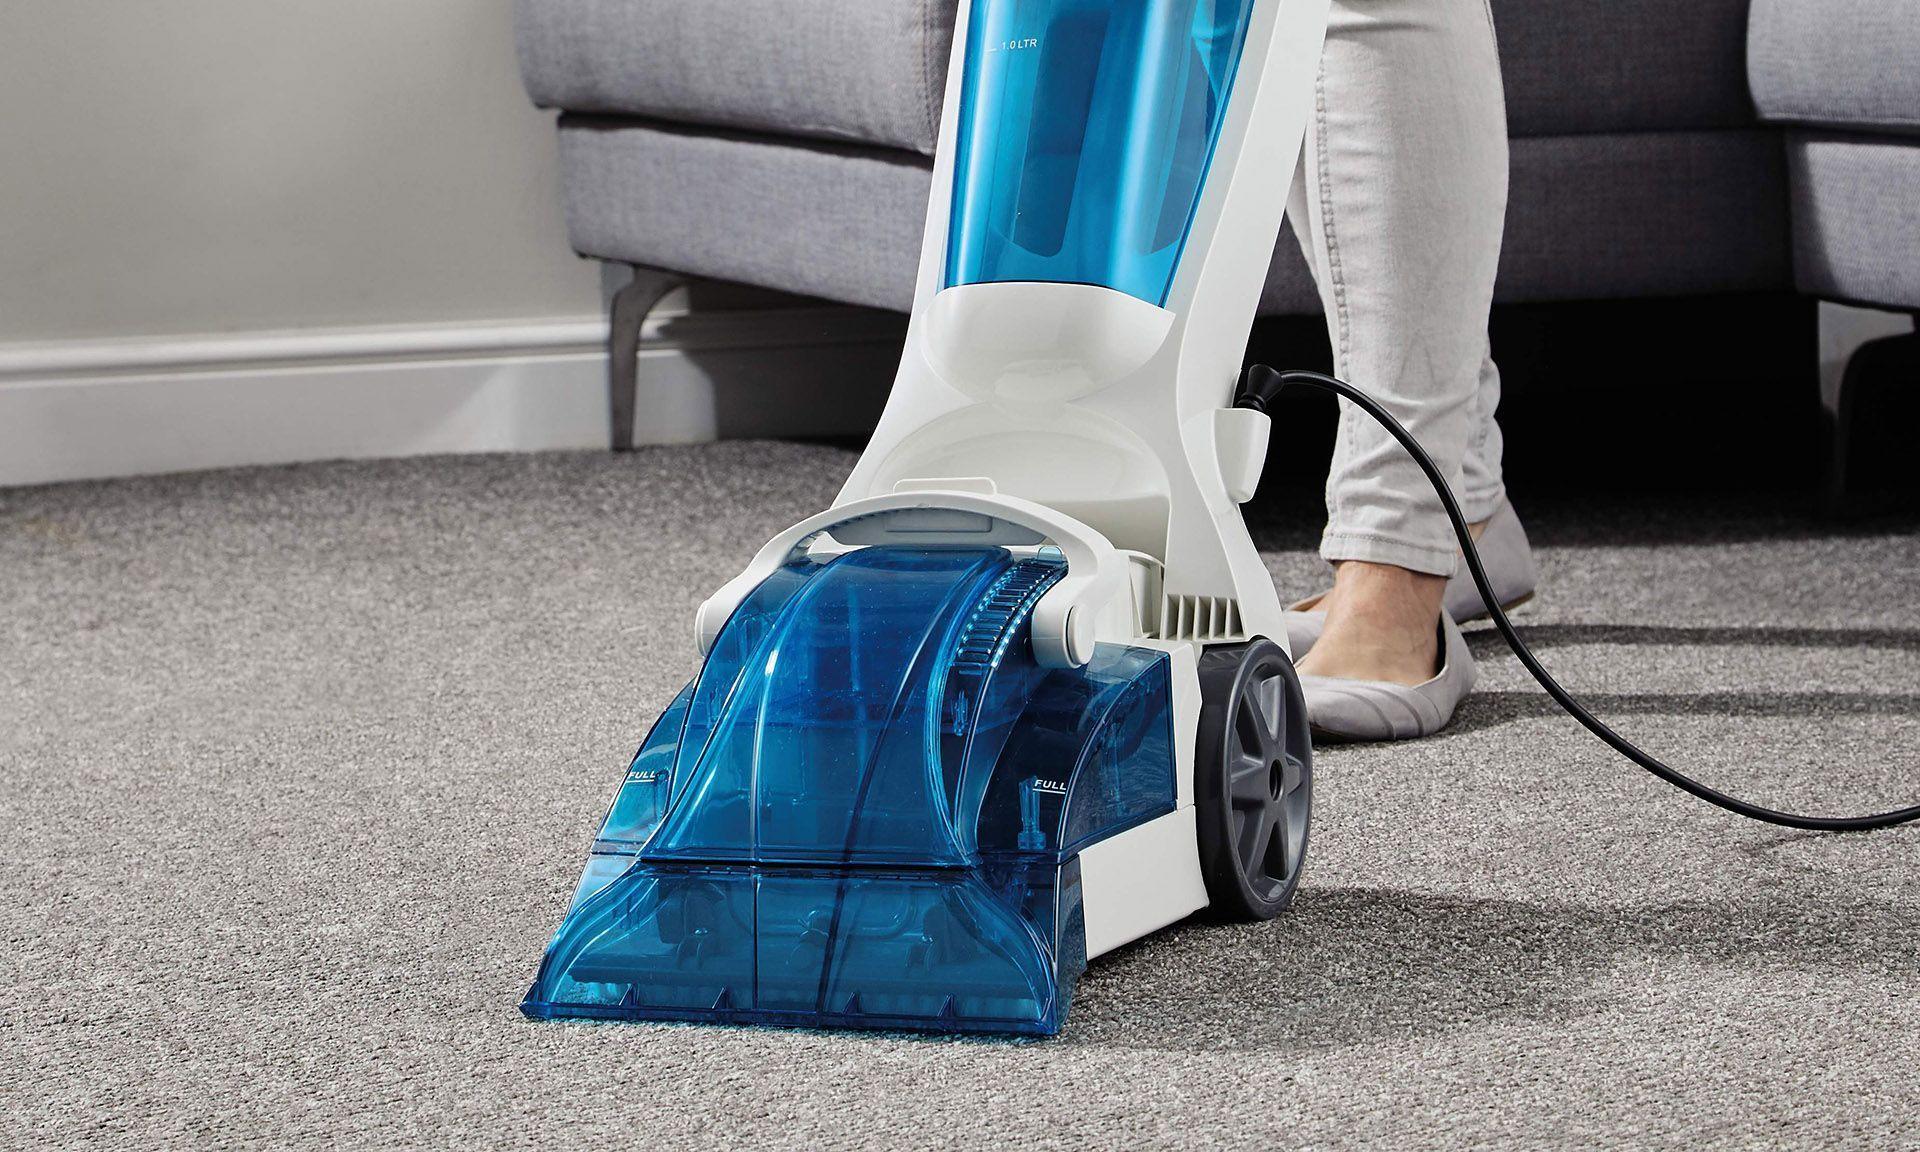 Perfekte Aldi Teppichreiniger Staubsauger Bewertungen Und Bewertung In 2020 Vacuum Cleaner Carpet Cleaner Vacuum Carpet Cleaners